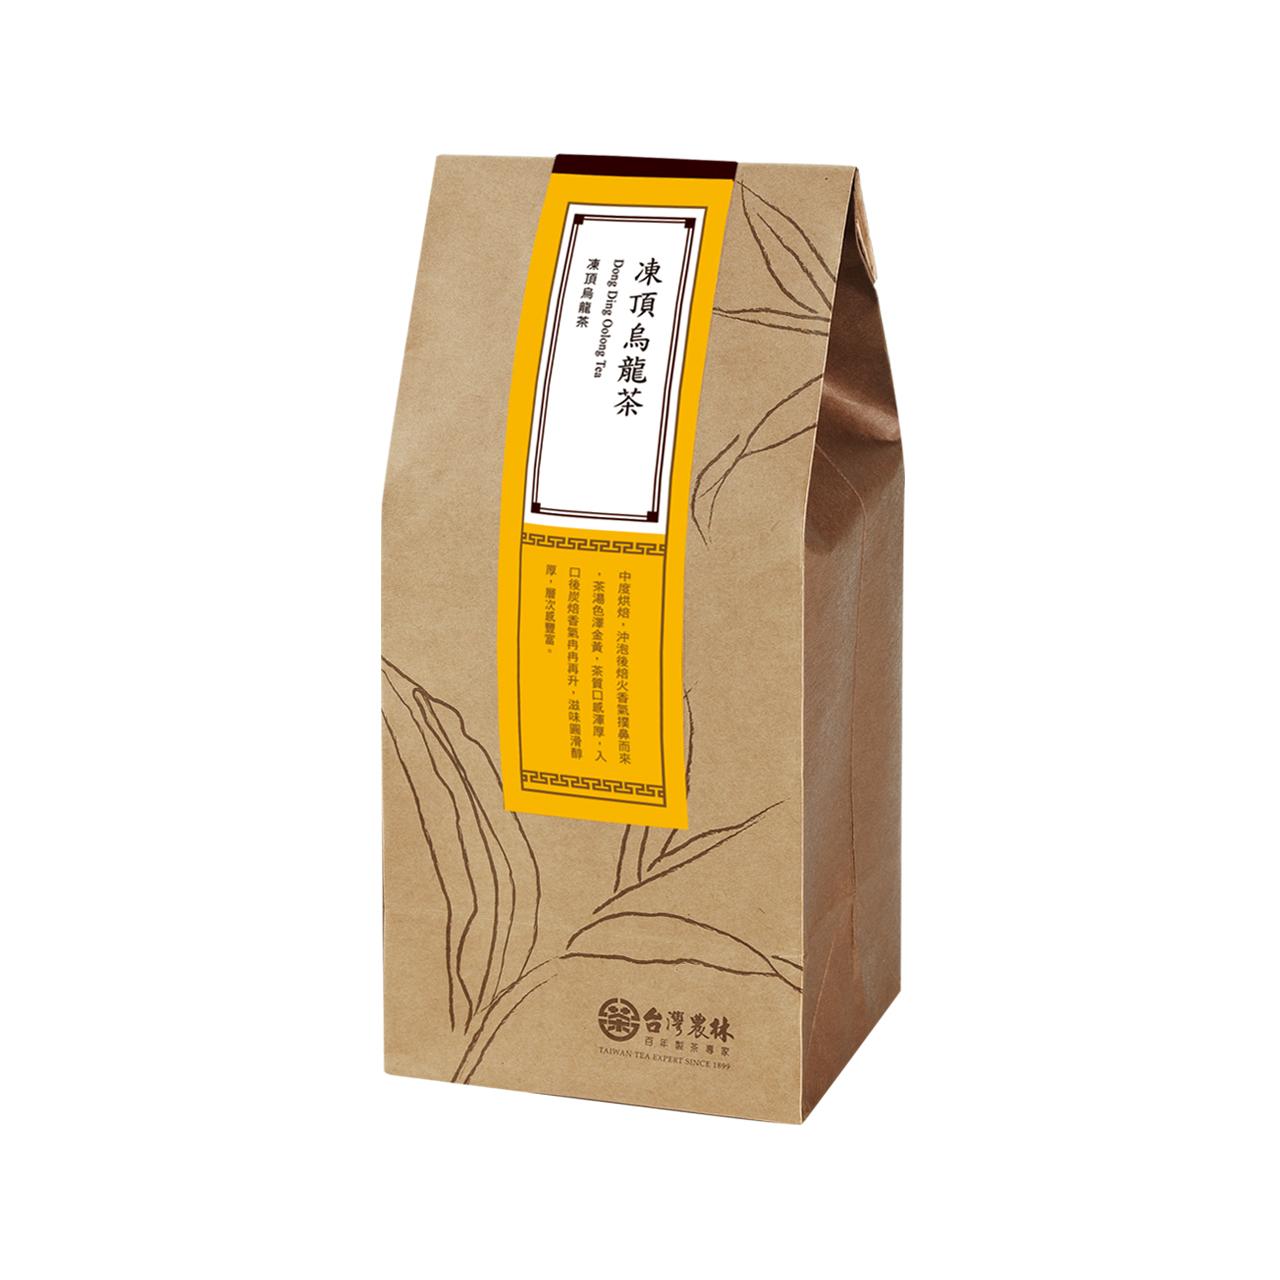 補充包-凍頂烏龍茶